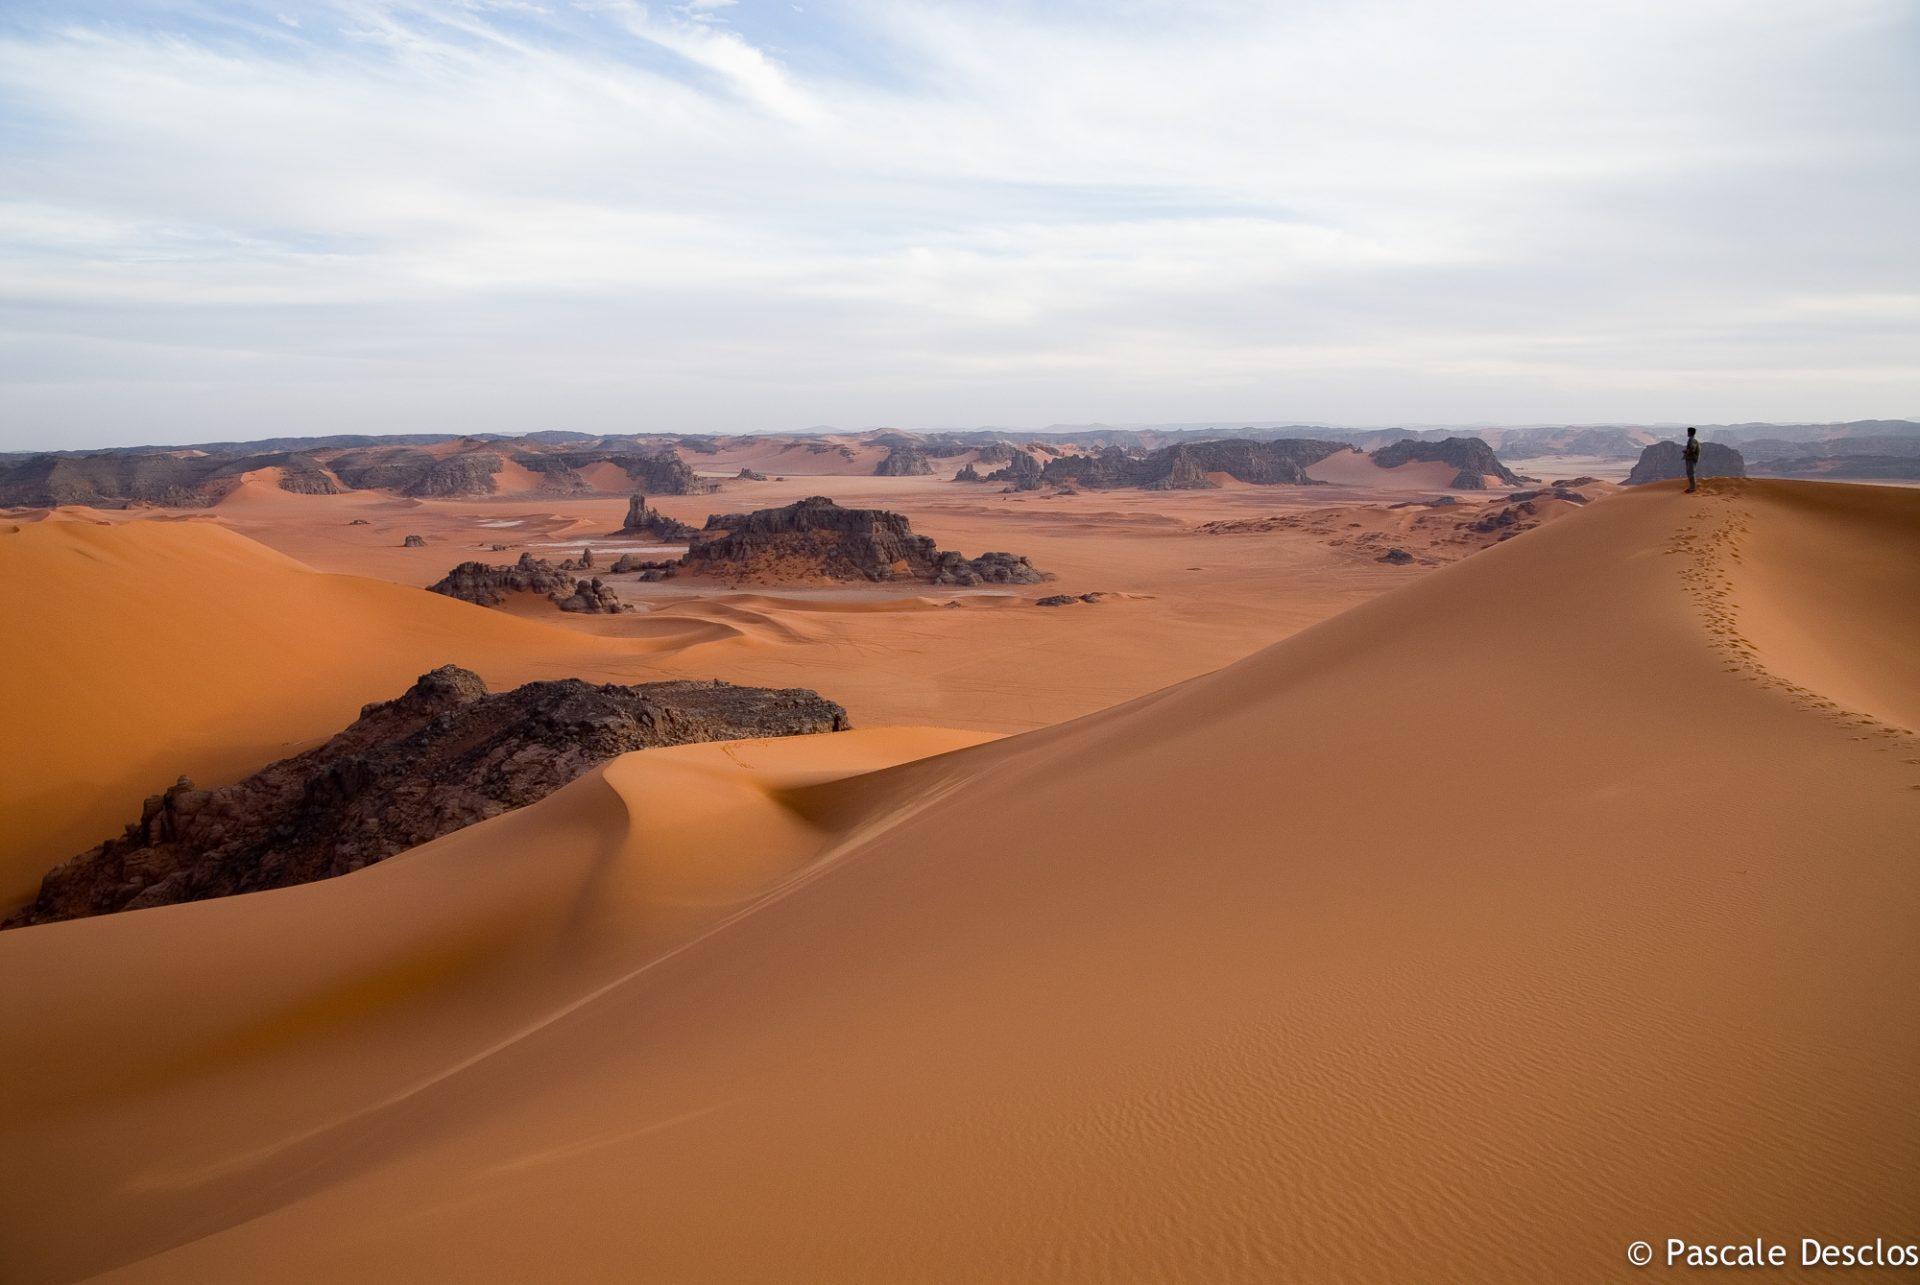 Radonneurs sur la dune, Massif de la Tadrart rouge, Tassili N'Ajjer, sud Algérie